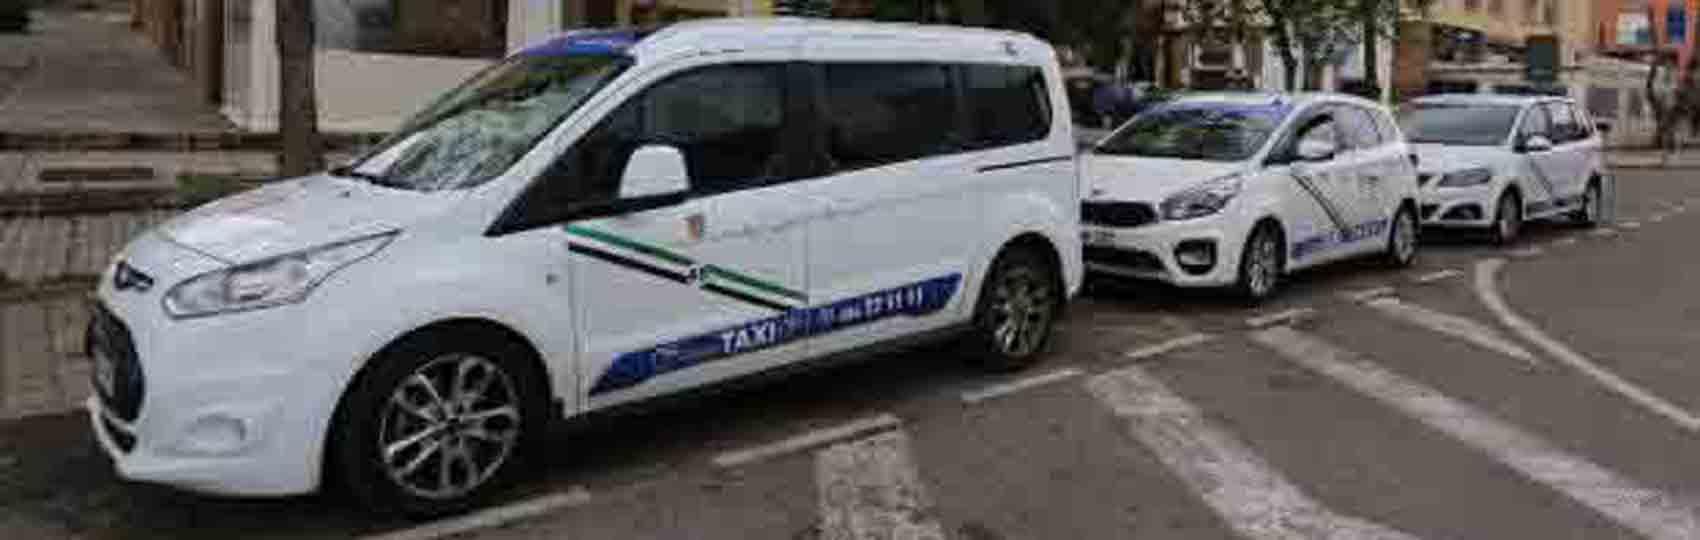 Noticias del sector del taxi y la movilidad en Mérida. Mantente informado de todas las noticias del taxi de Mérida en el grupo de Facebook de Todo Taxi.